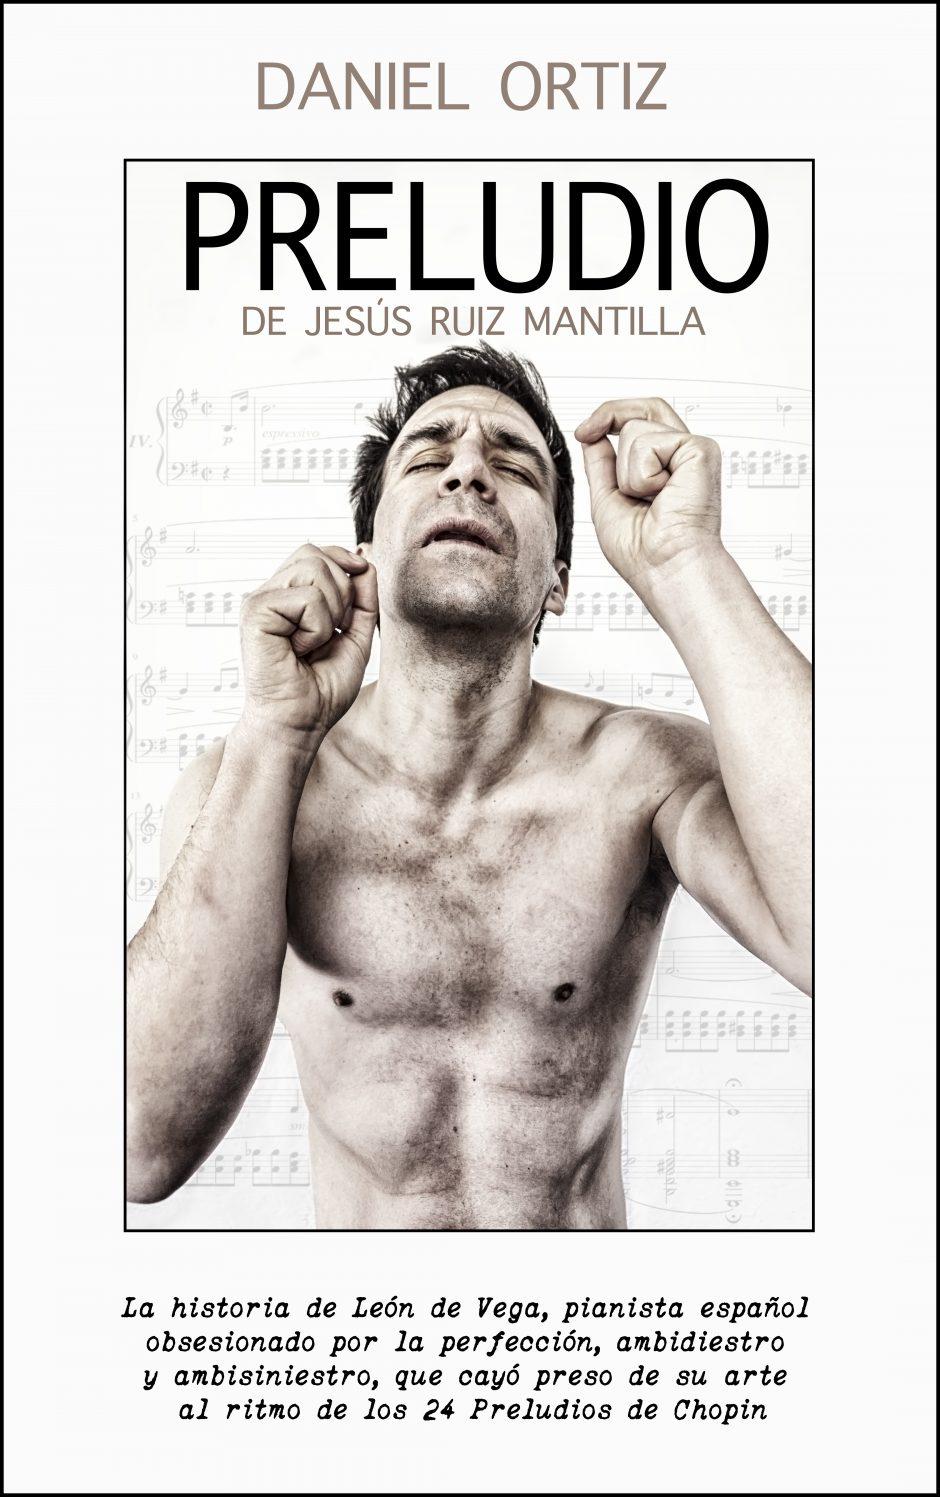 El actor Daniel Ortiz produce, dirige e interpreta PRELUDIO, de Jesús Ruiz Mantilla.